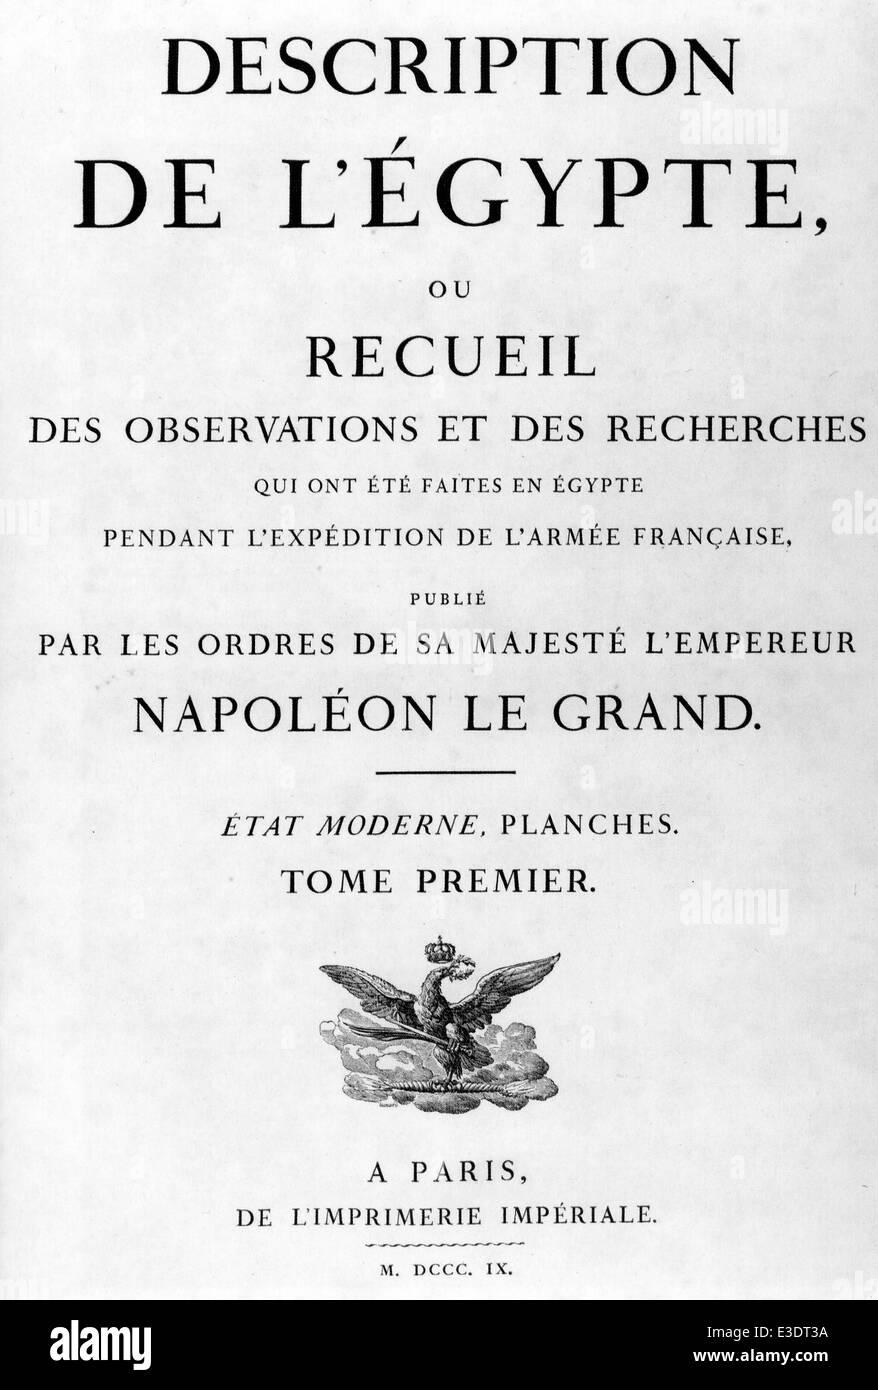 DESCRIPTION DE L'EGYPTE by Edme Jomard published in Paris in 1809 - Stock Image